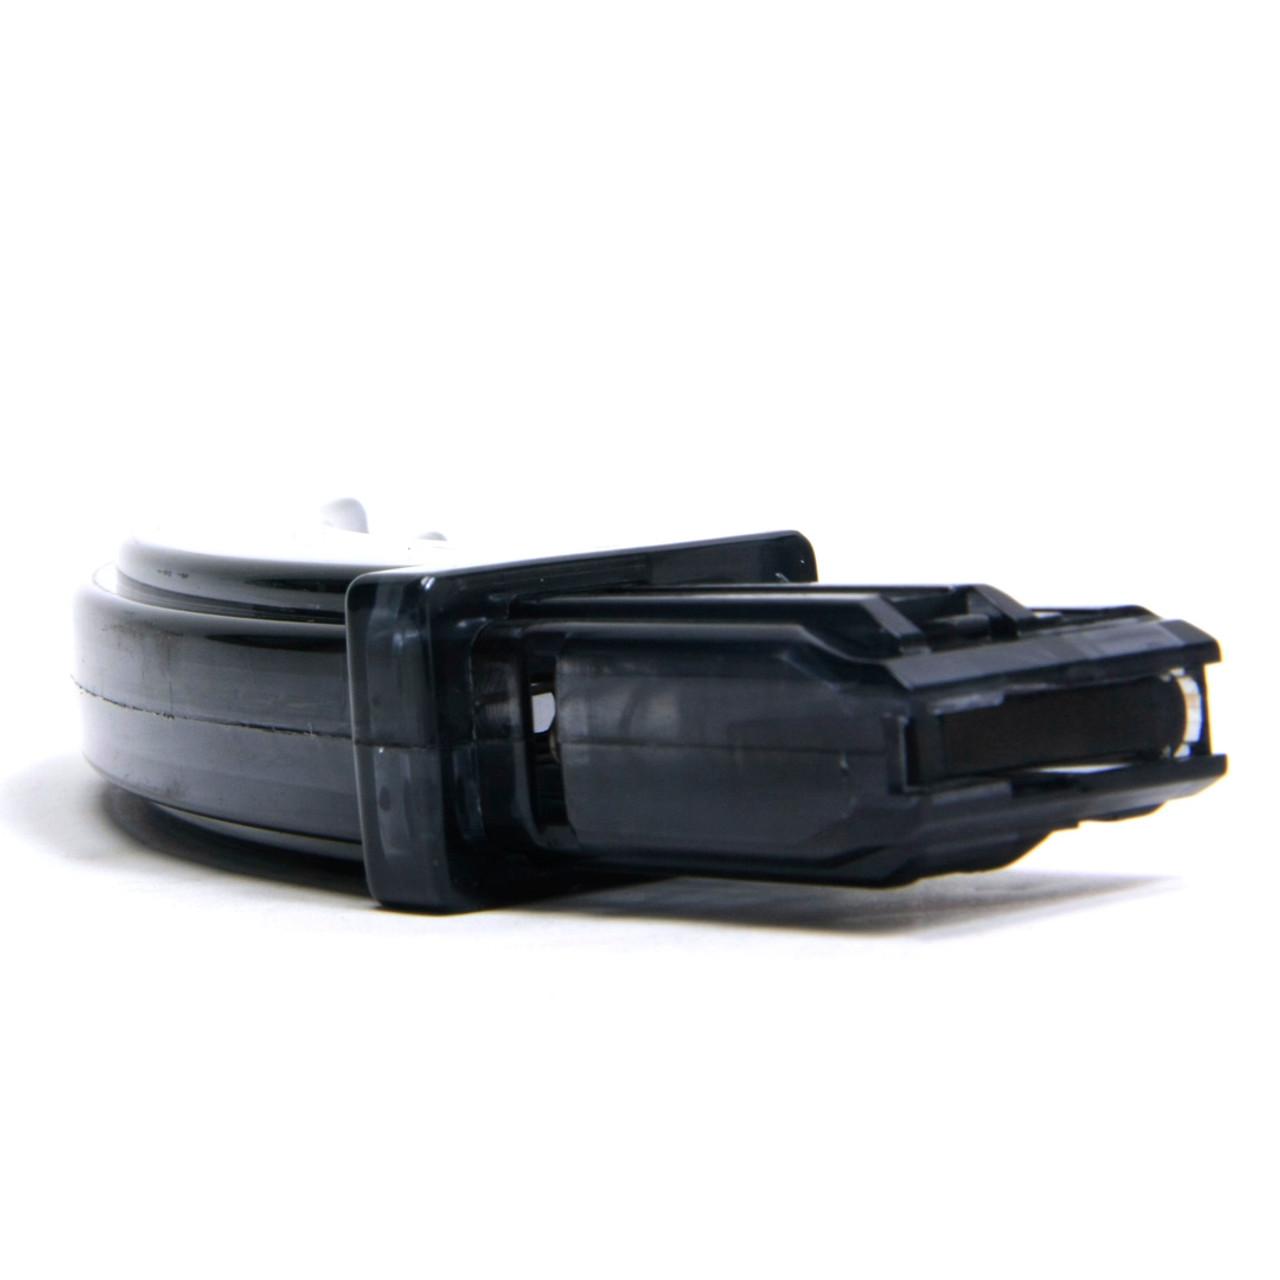 Remington® Model 597™ .22 LR (22) Rd - Smoke Polymer